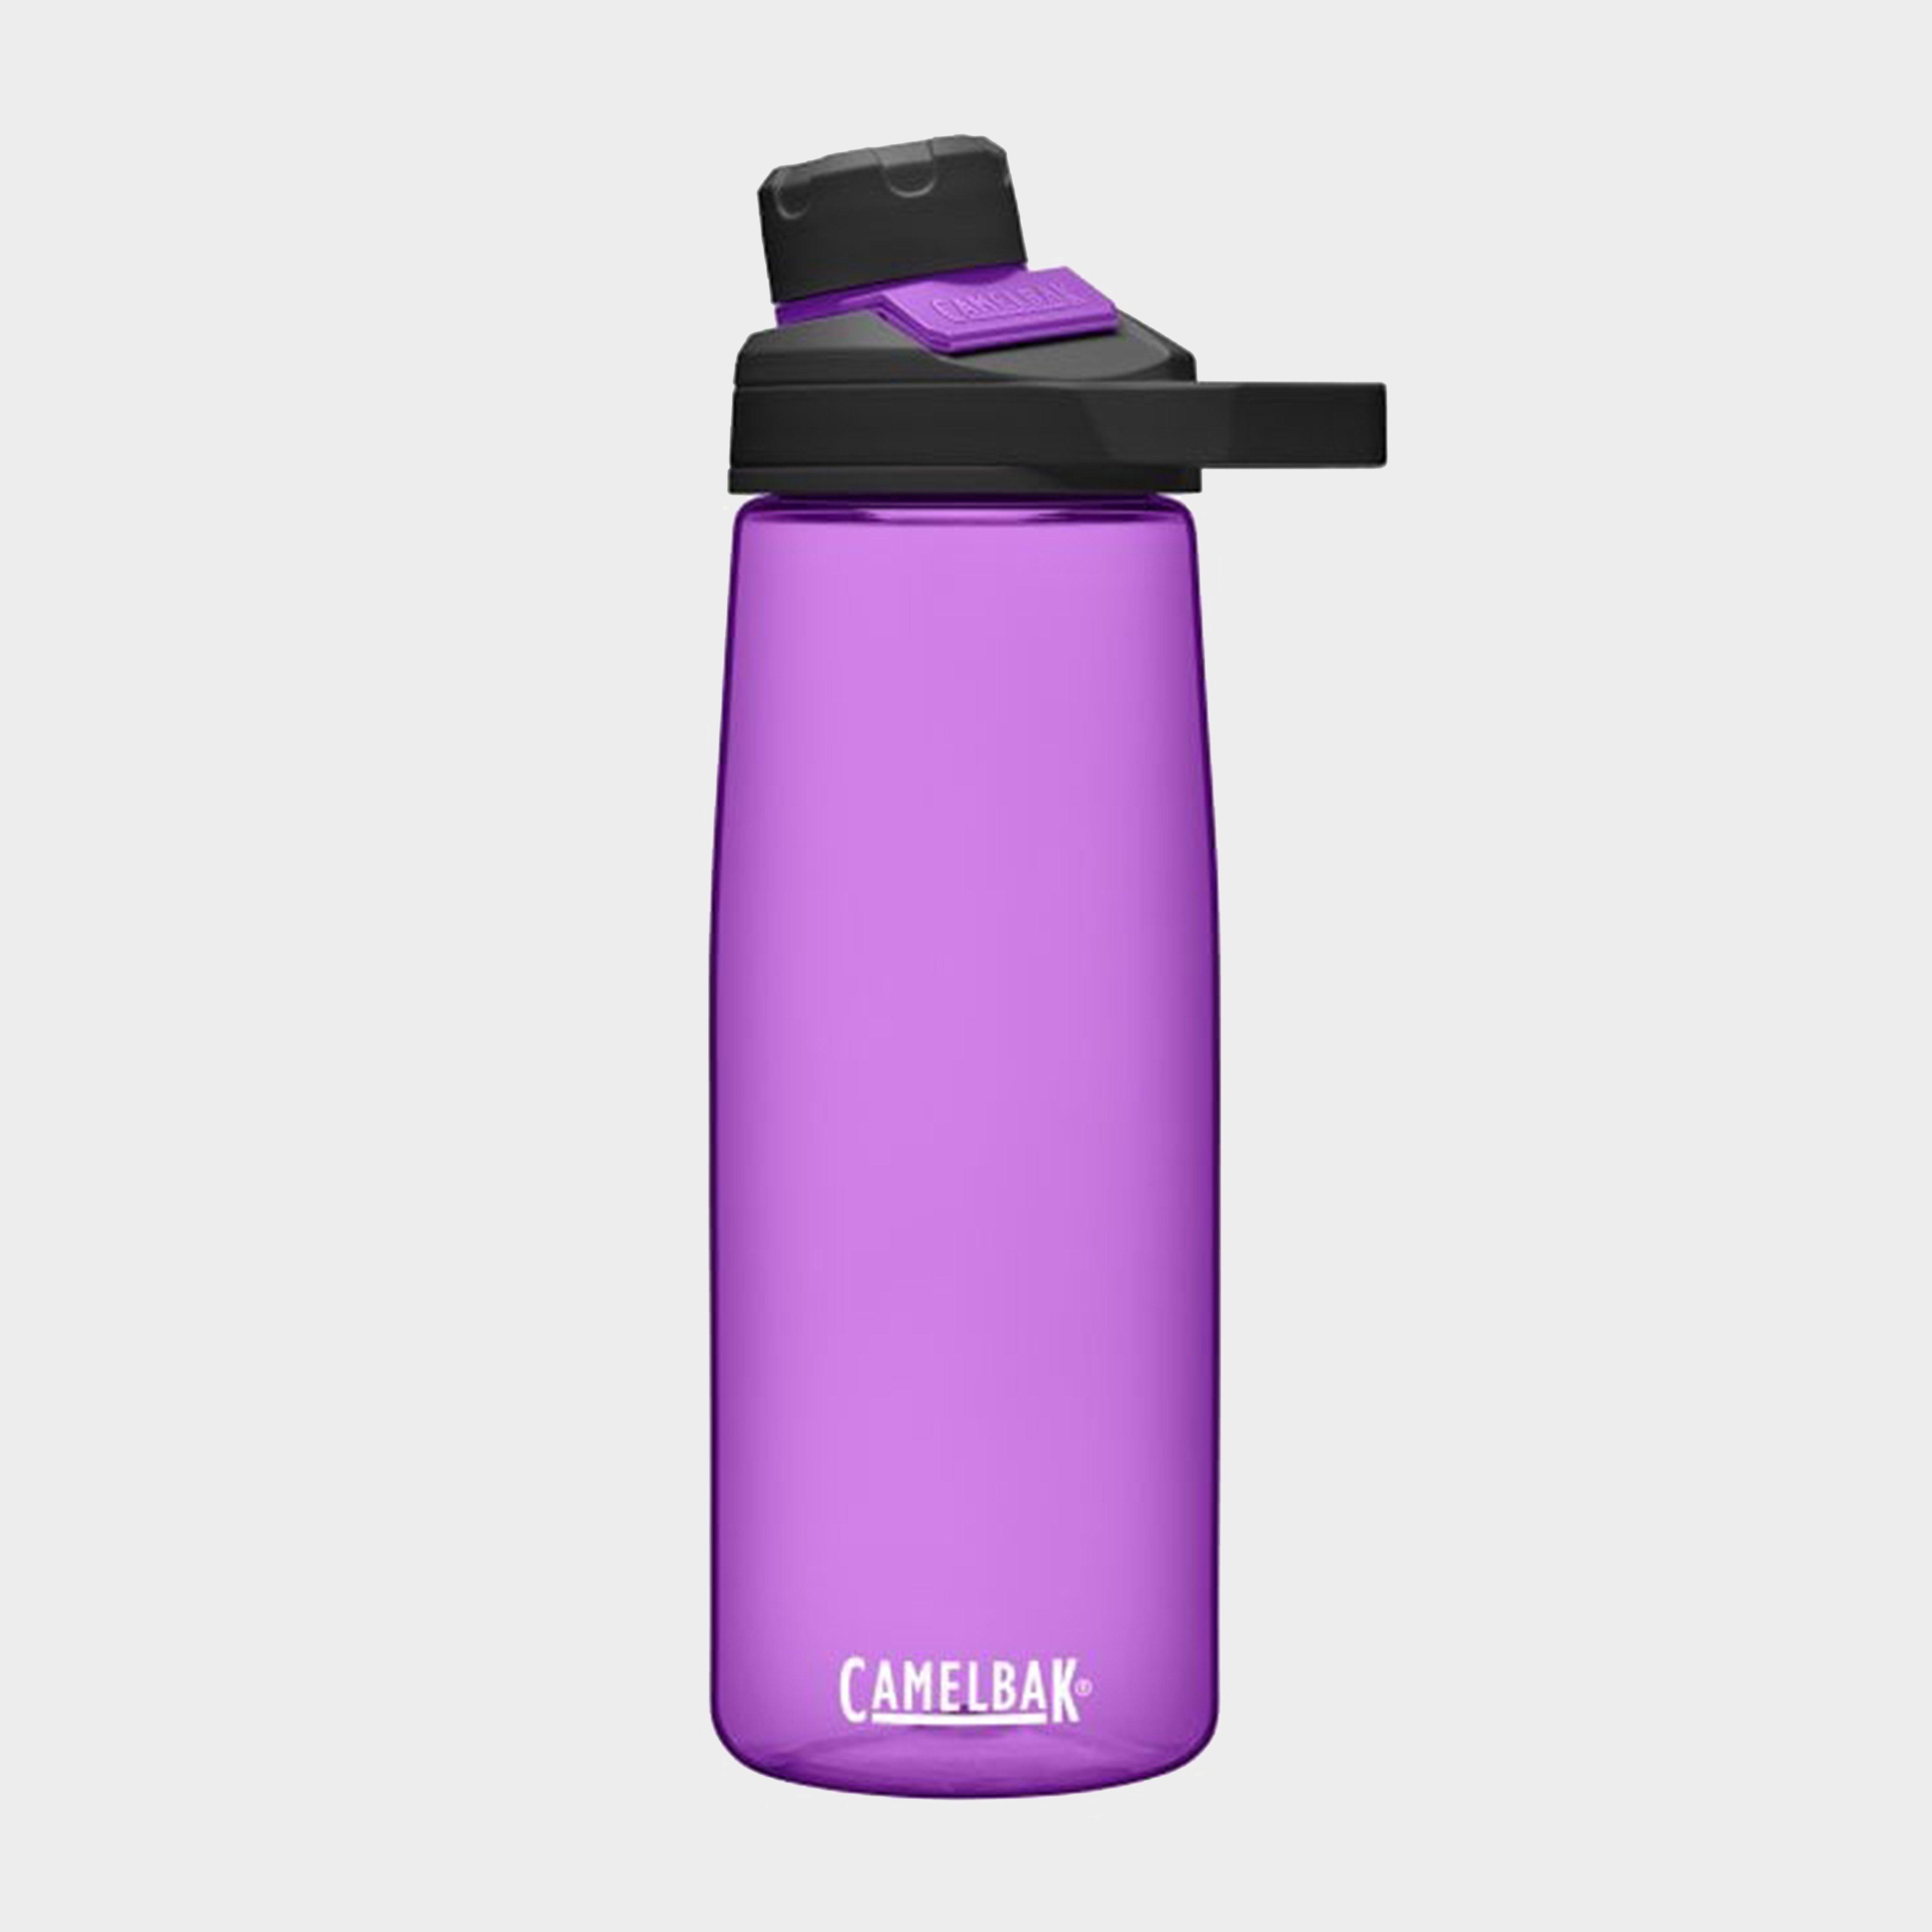 Camelbak Camelbak Chute Magnetic Drinking Bottle 0.75L, Pink